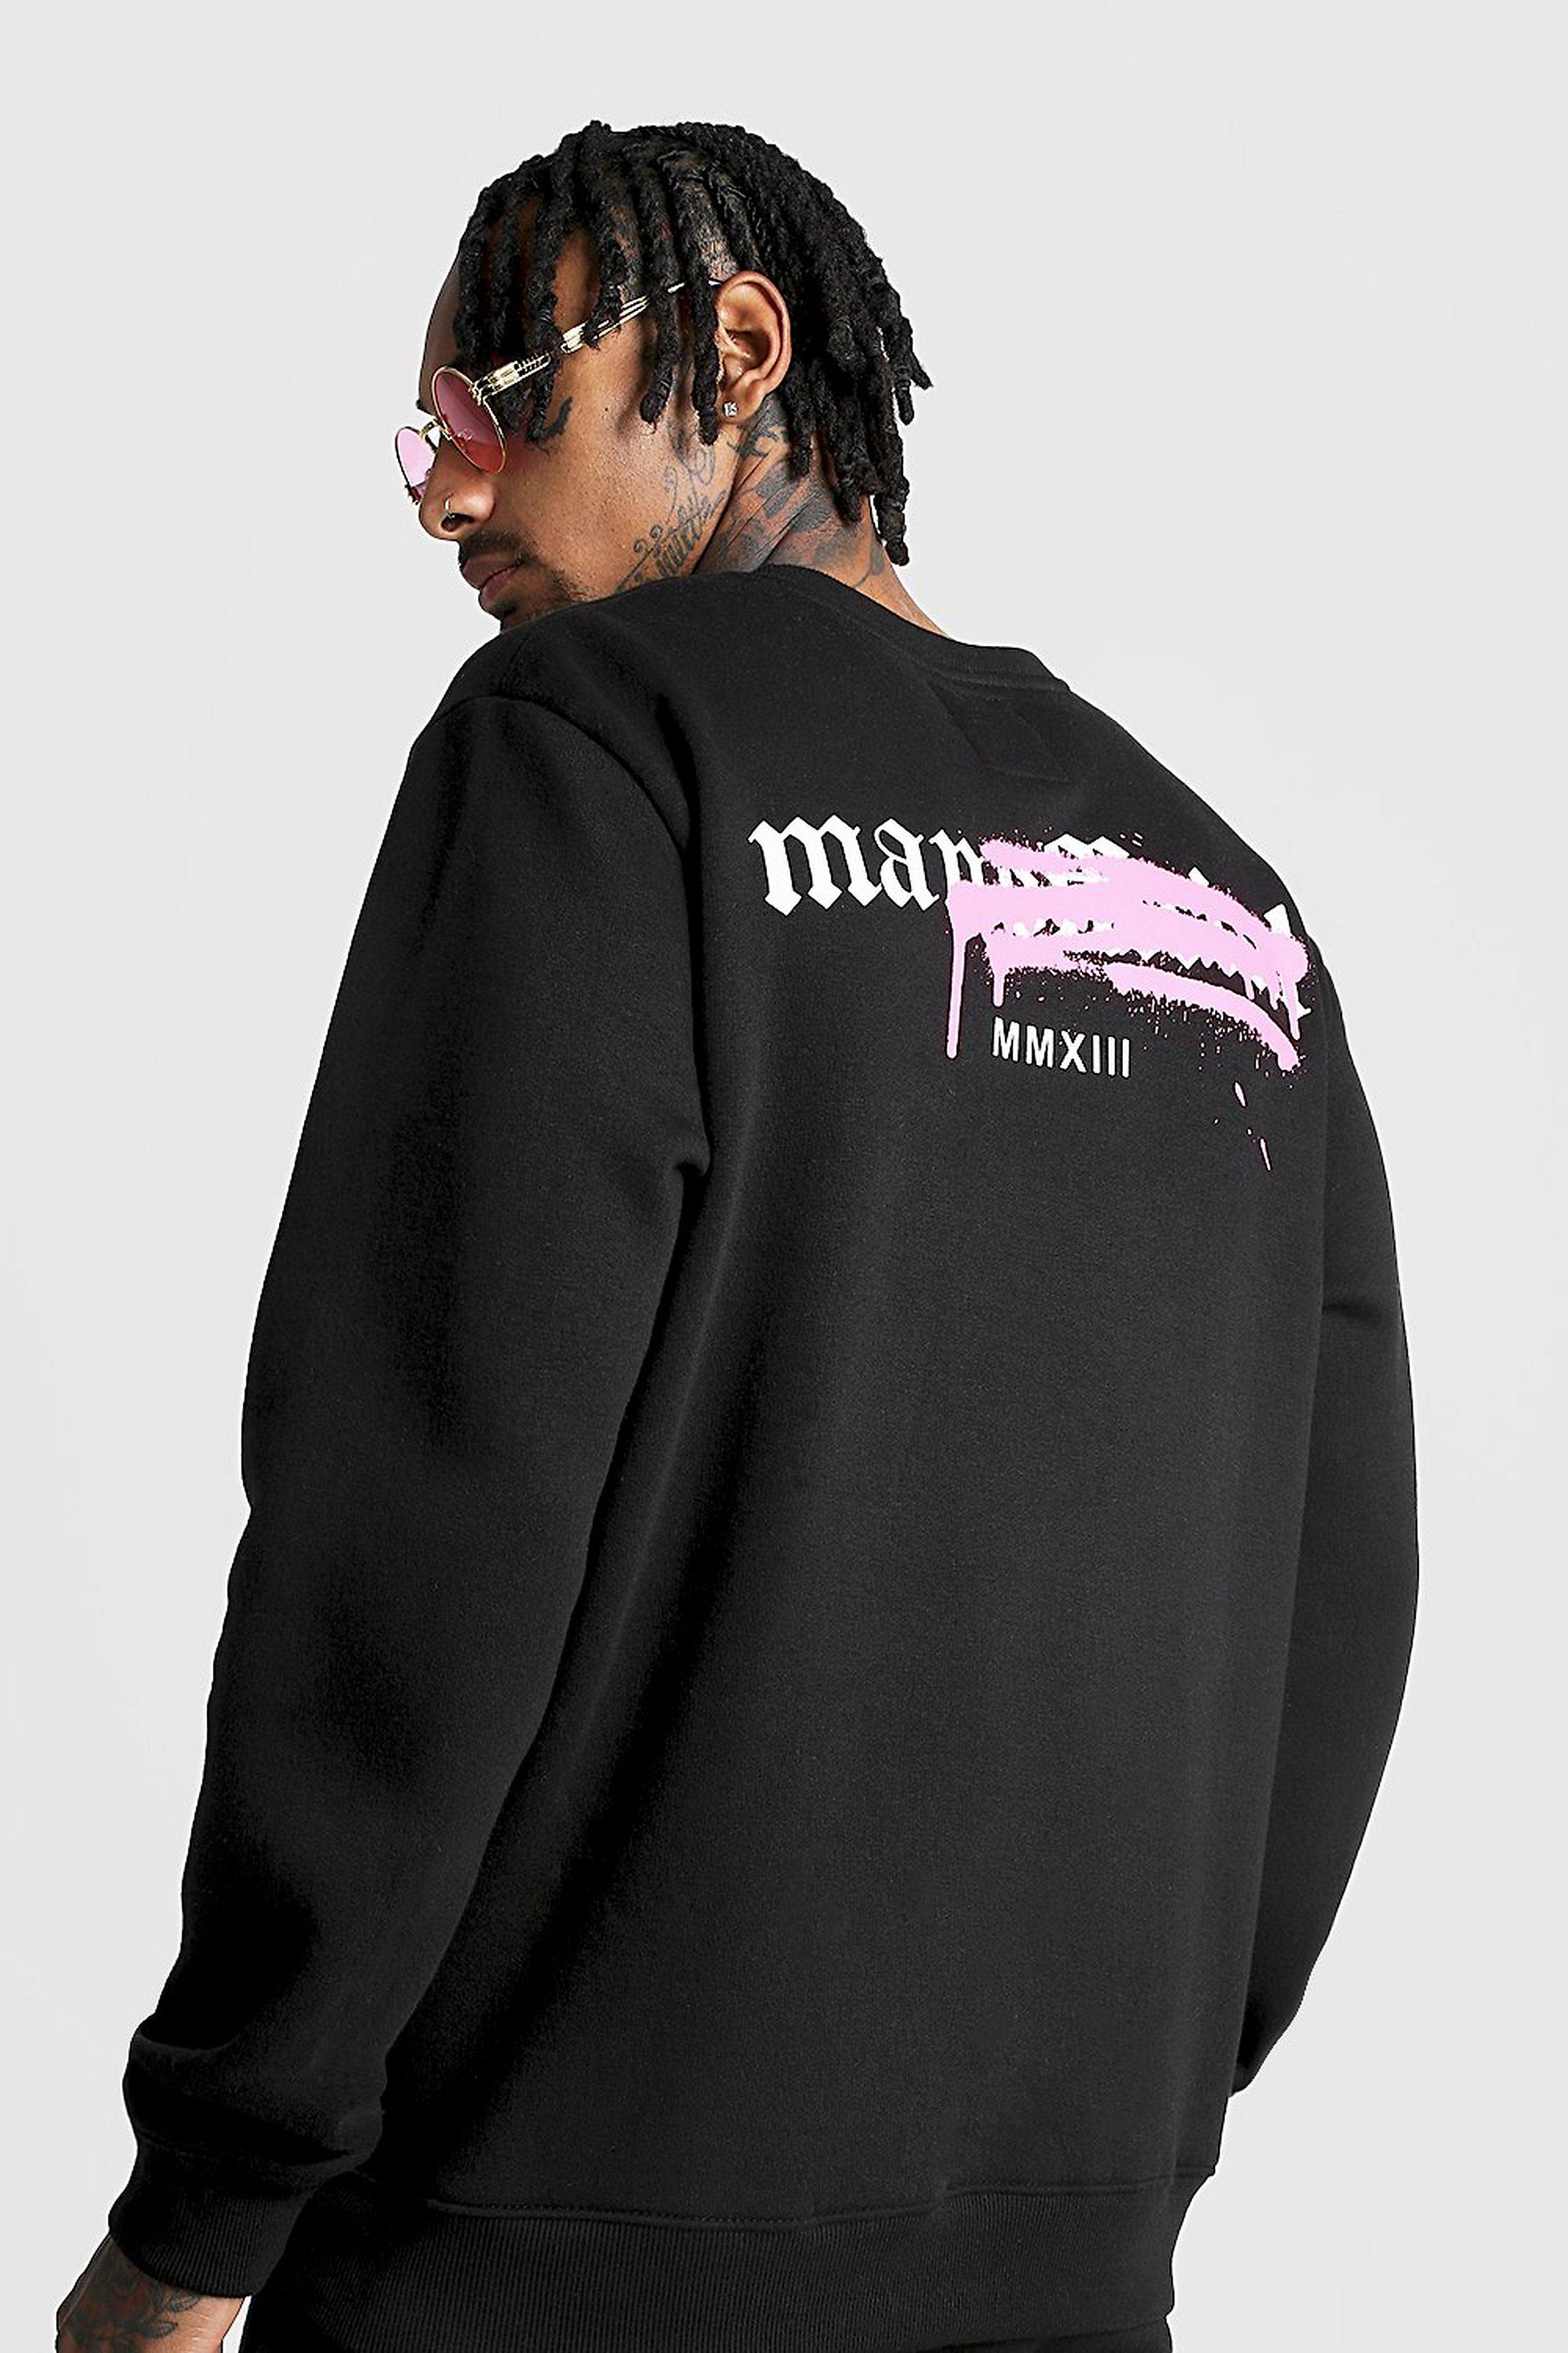 Bestbewertete Mode heiße Angebote neueste Graffiti MAN Official Pullover-Trainingsanzug mit Rückenprint